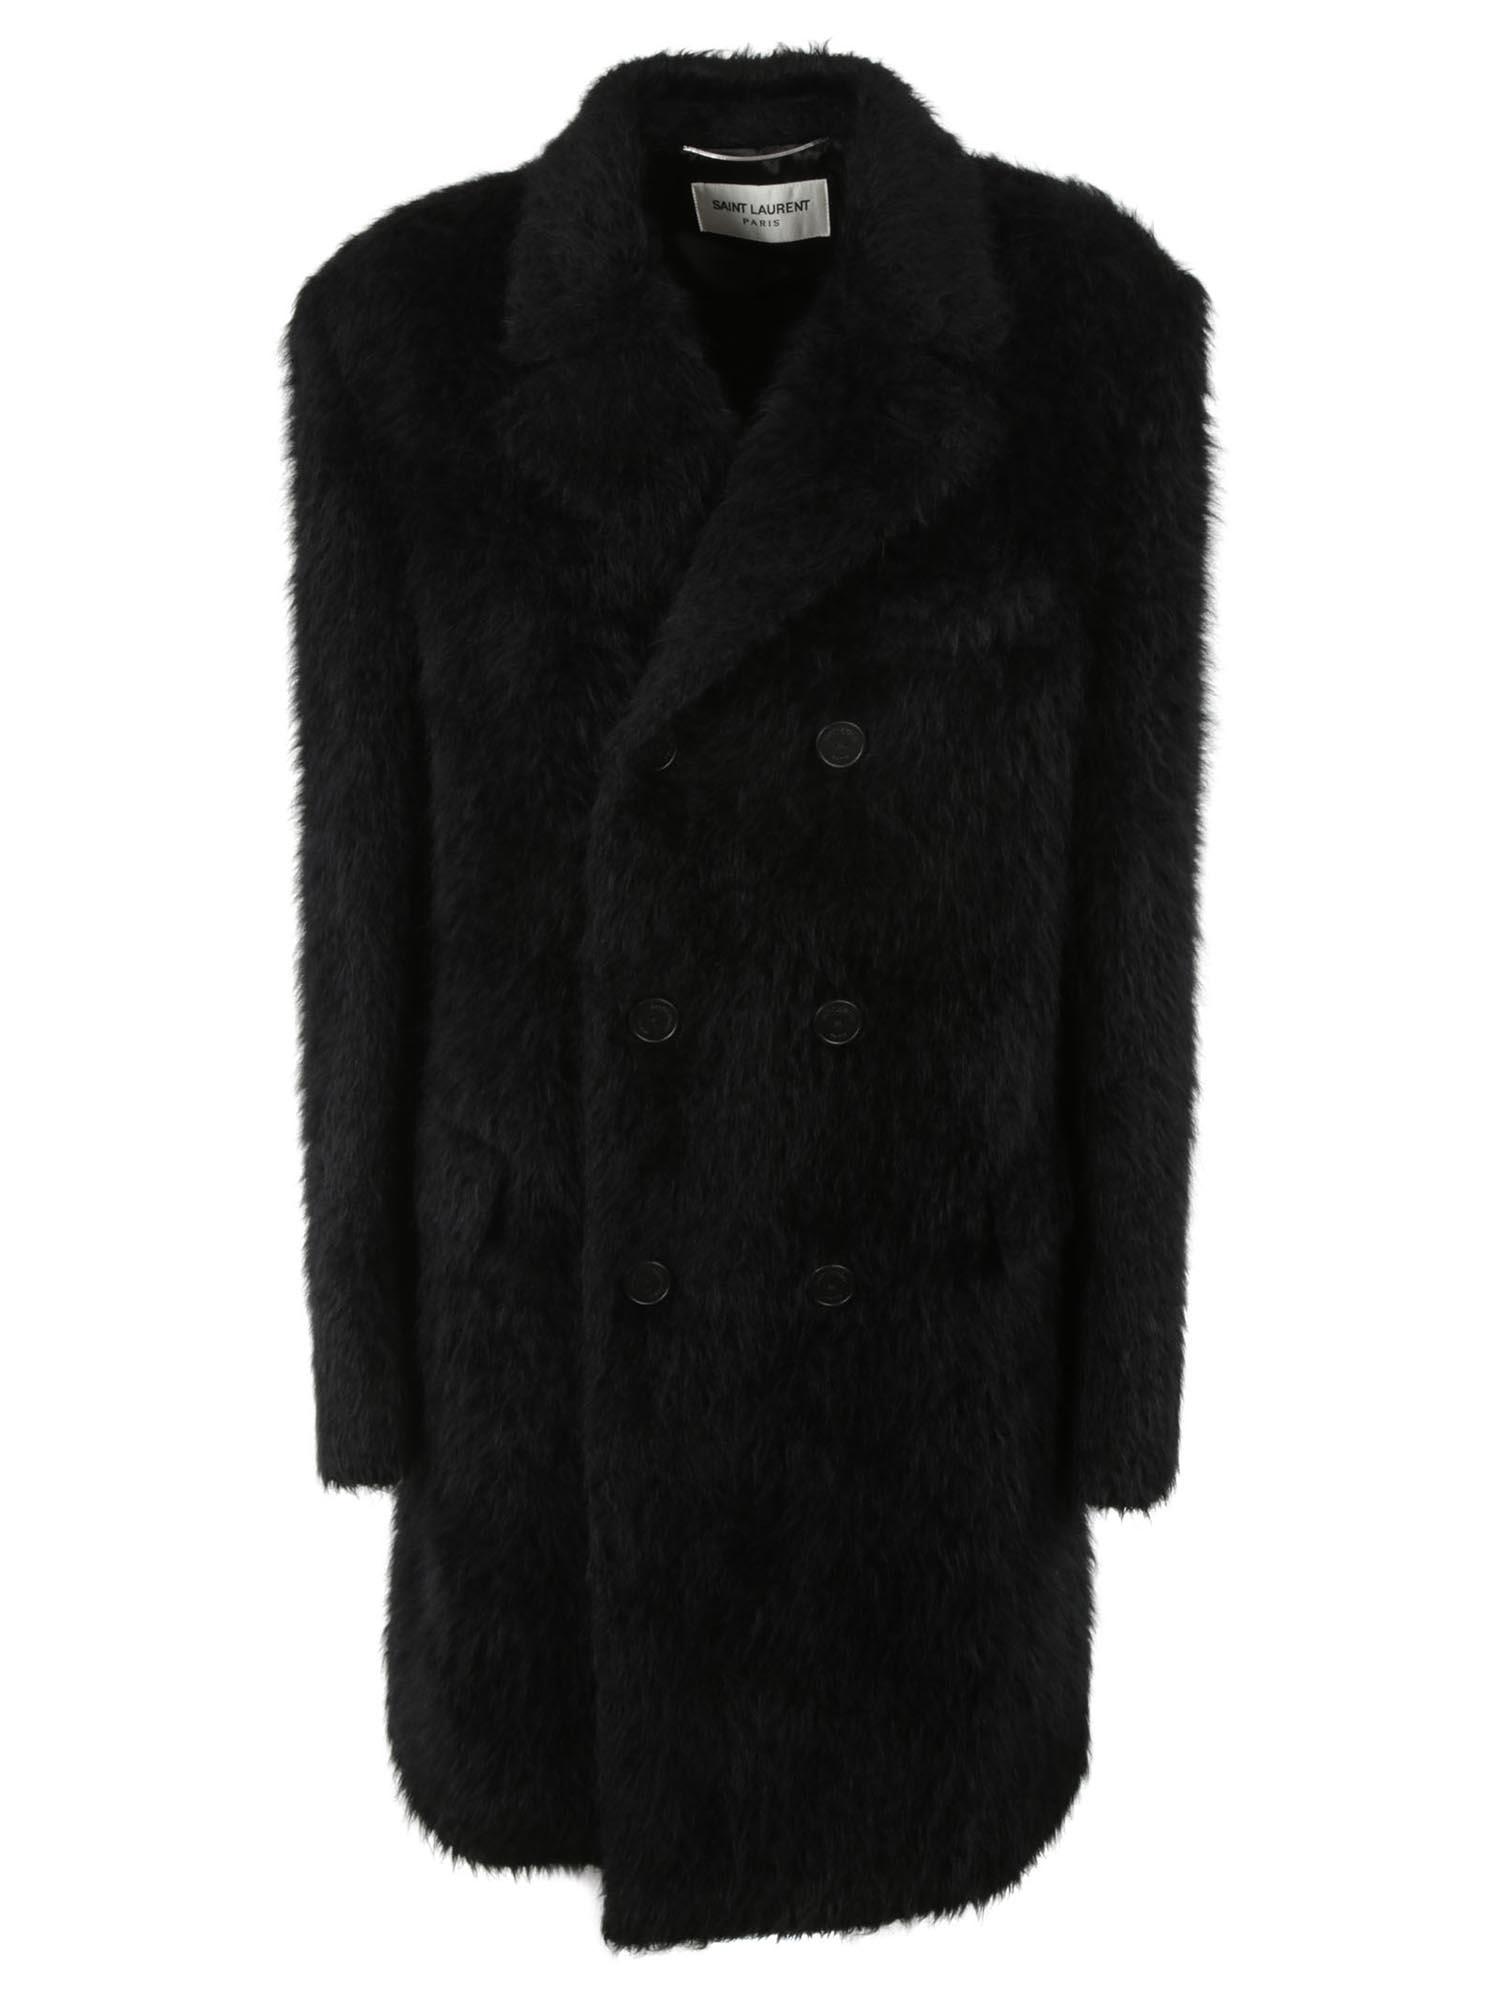 ca754c99484 Saint Laurent Saint Laurent Double Breasted Coat - Black - 10972340 ...